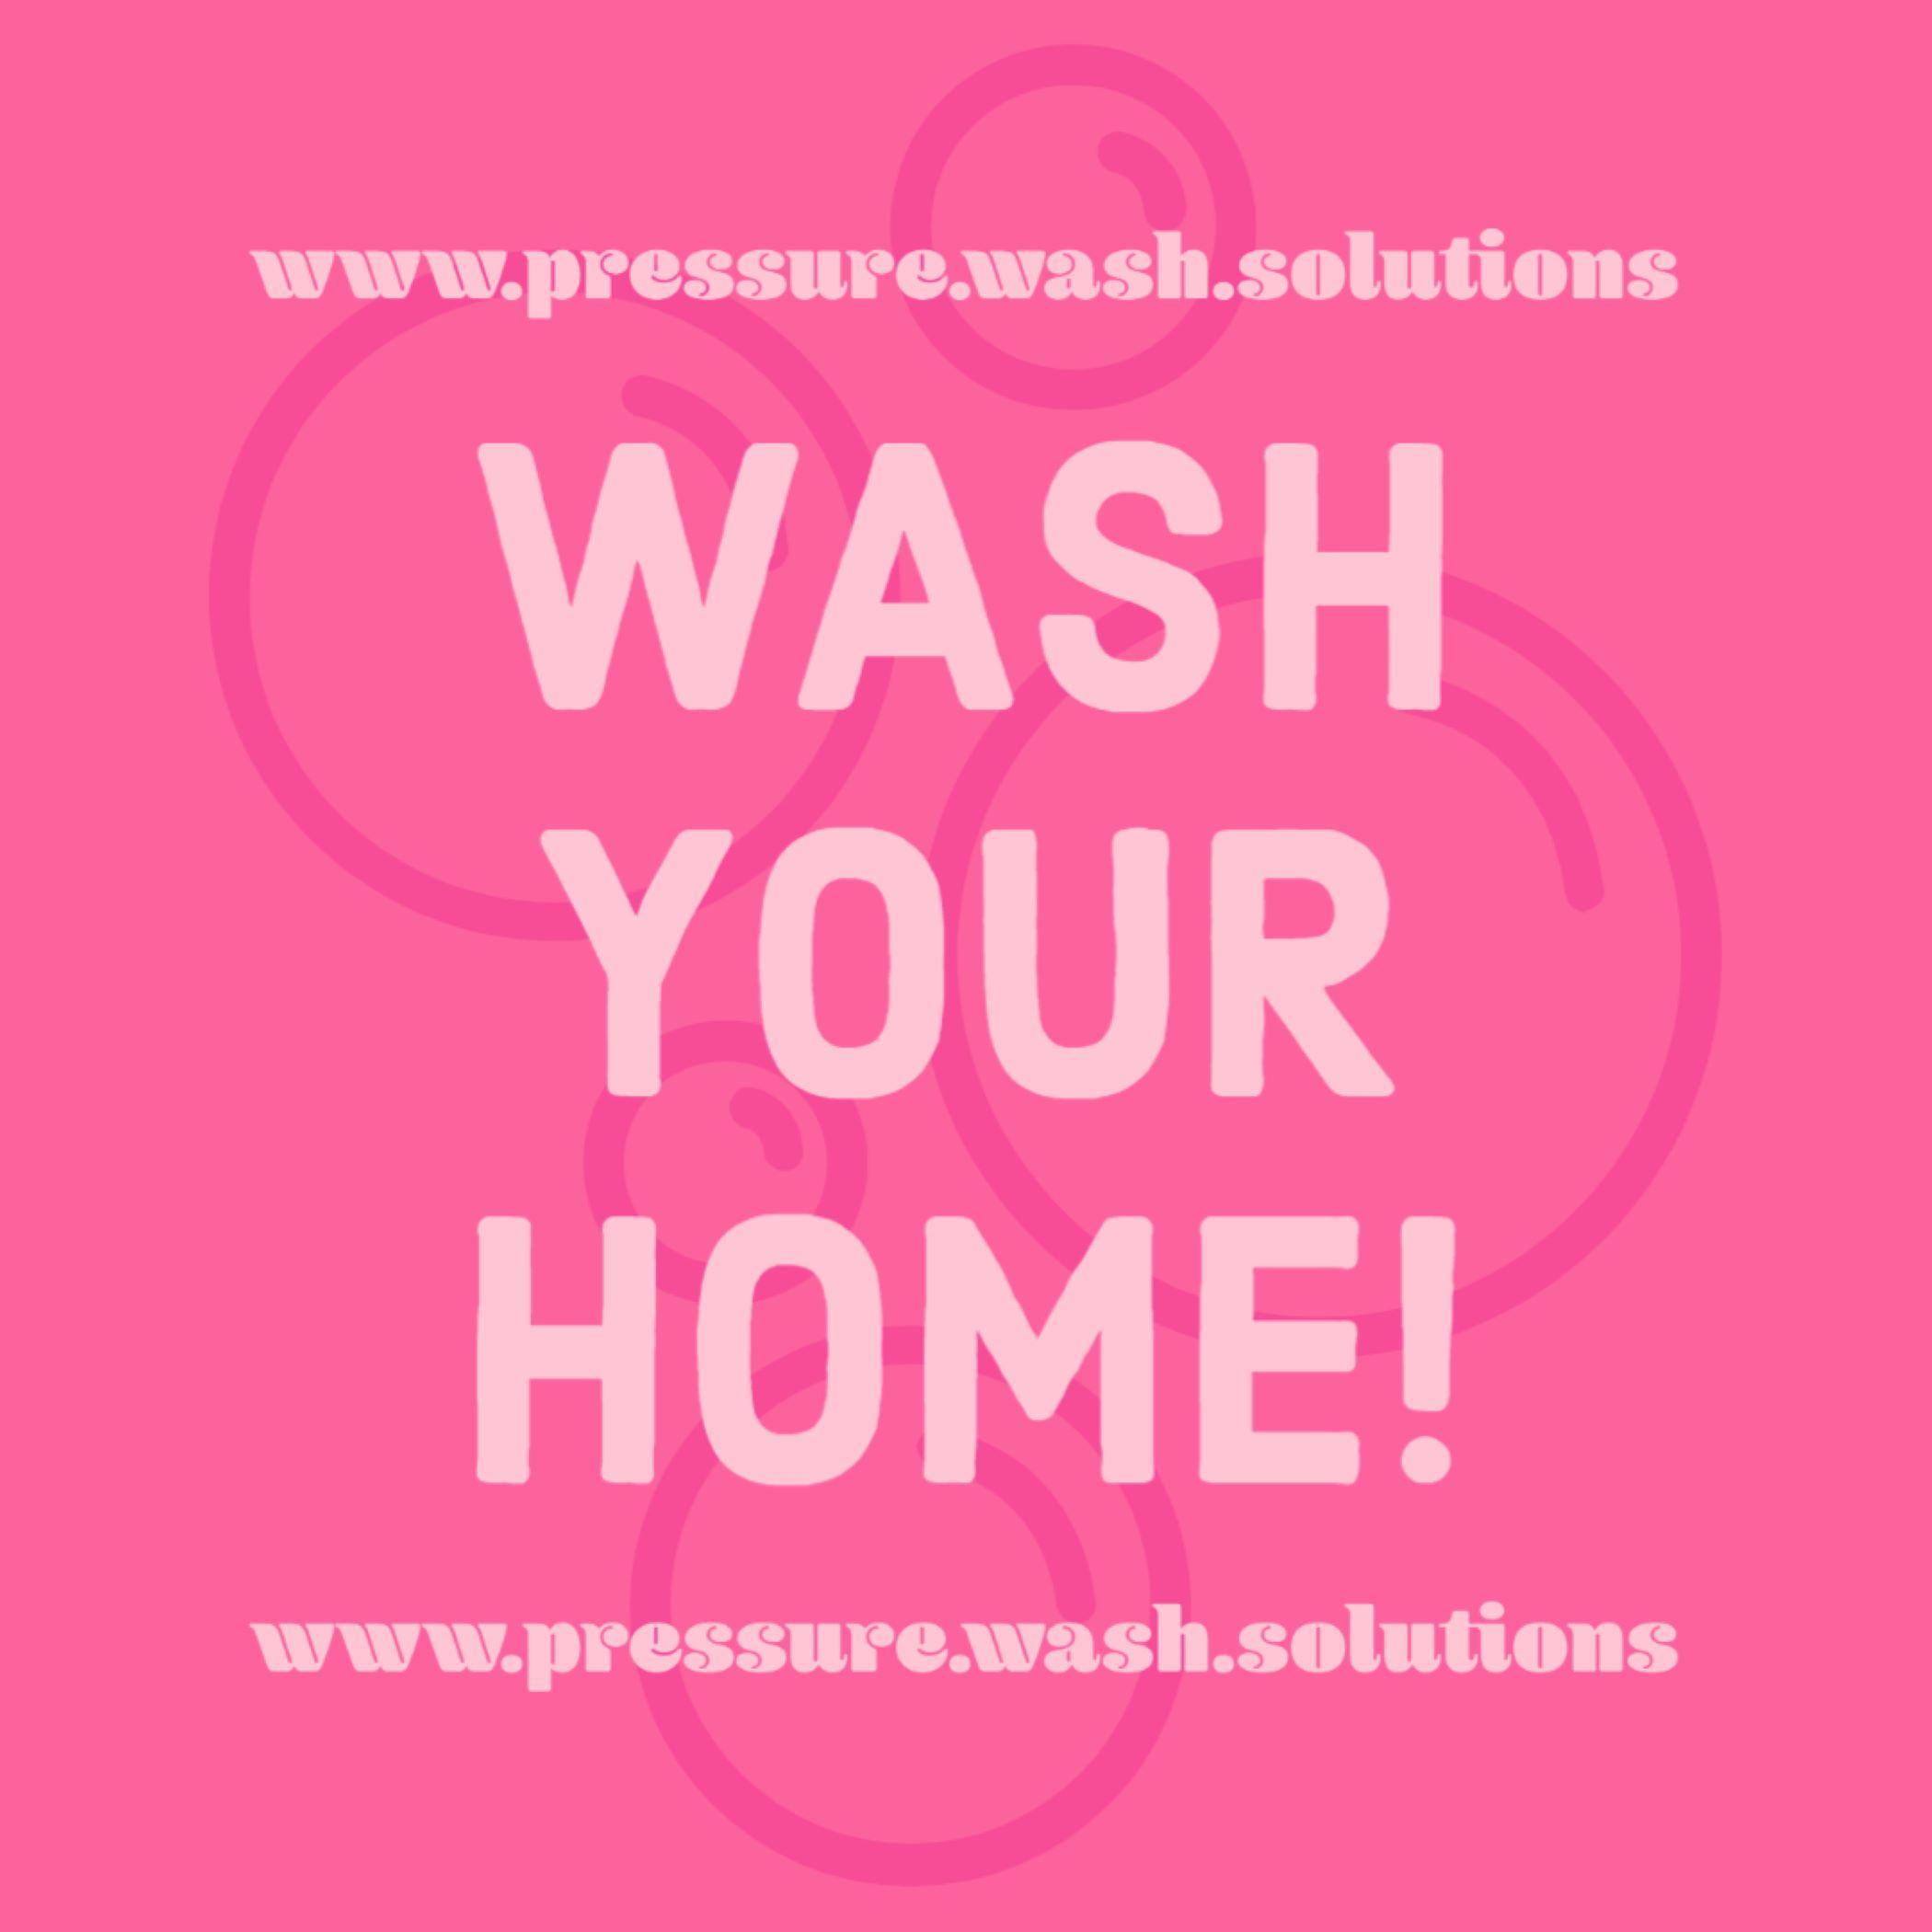 Wash Homes